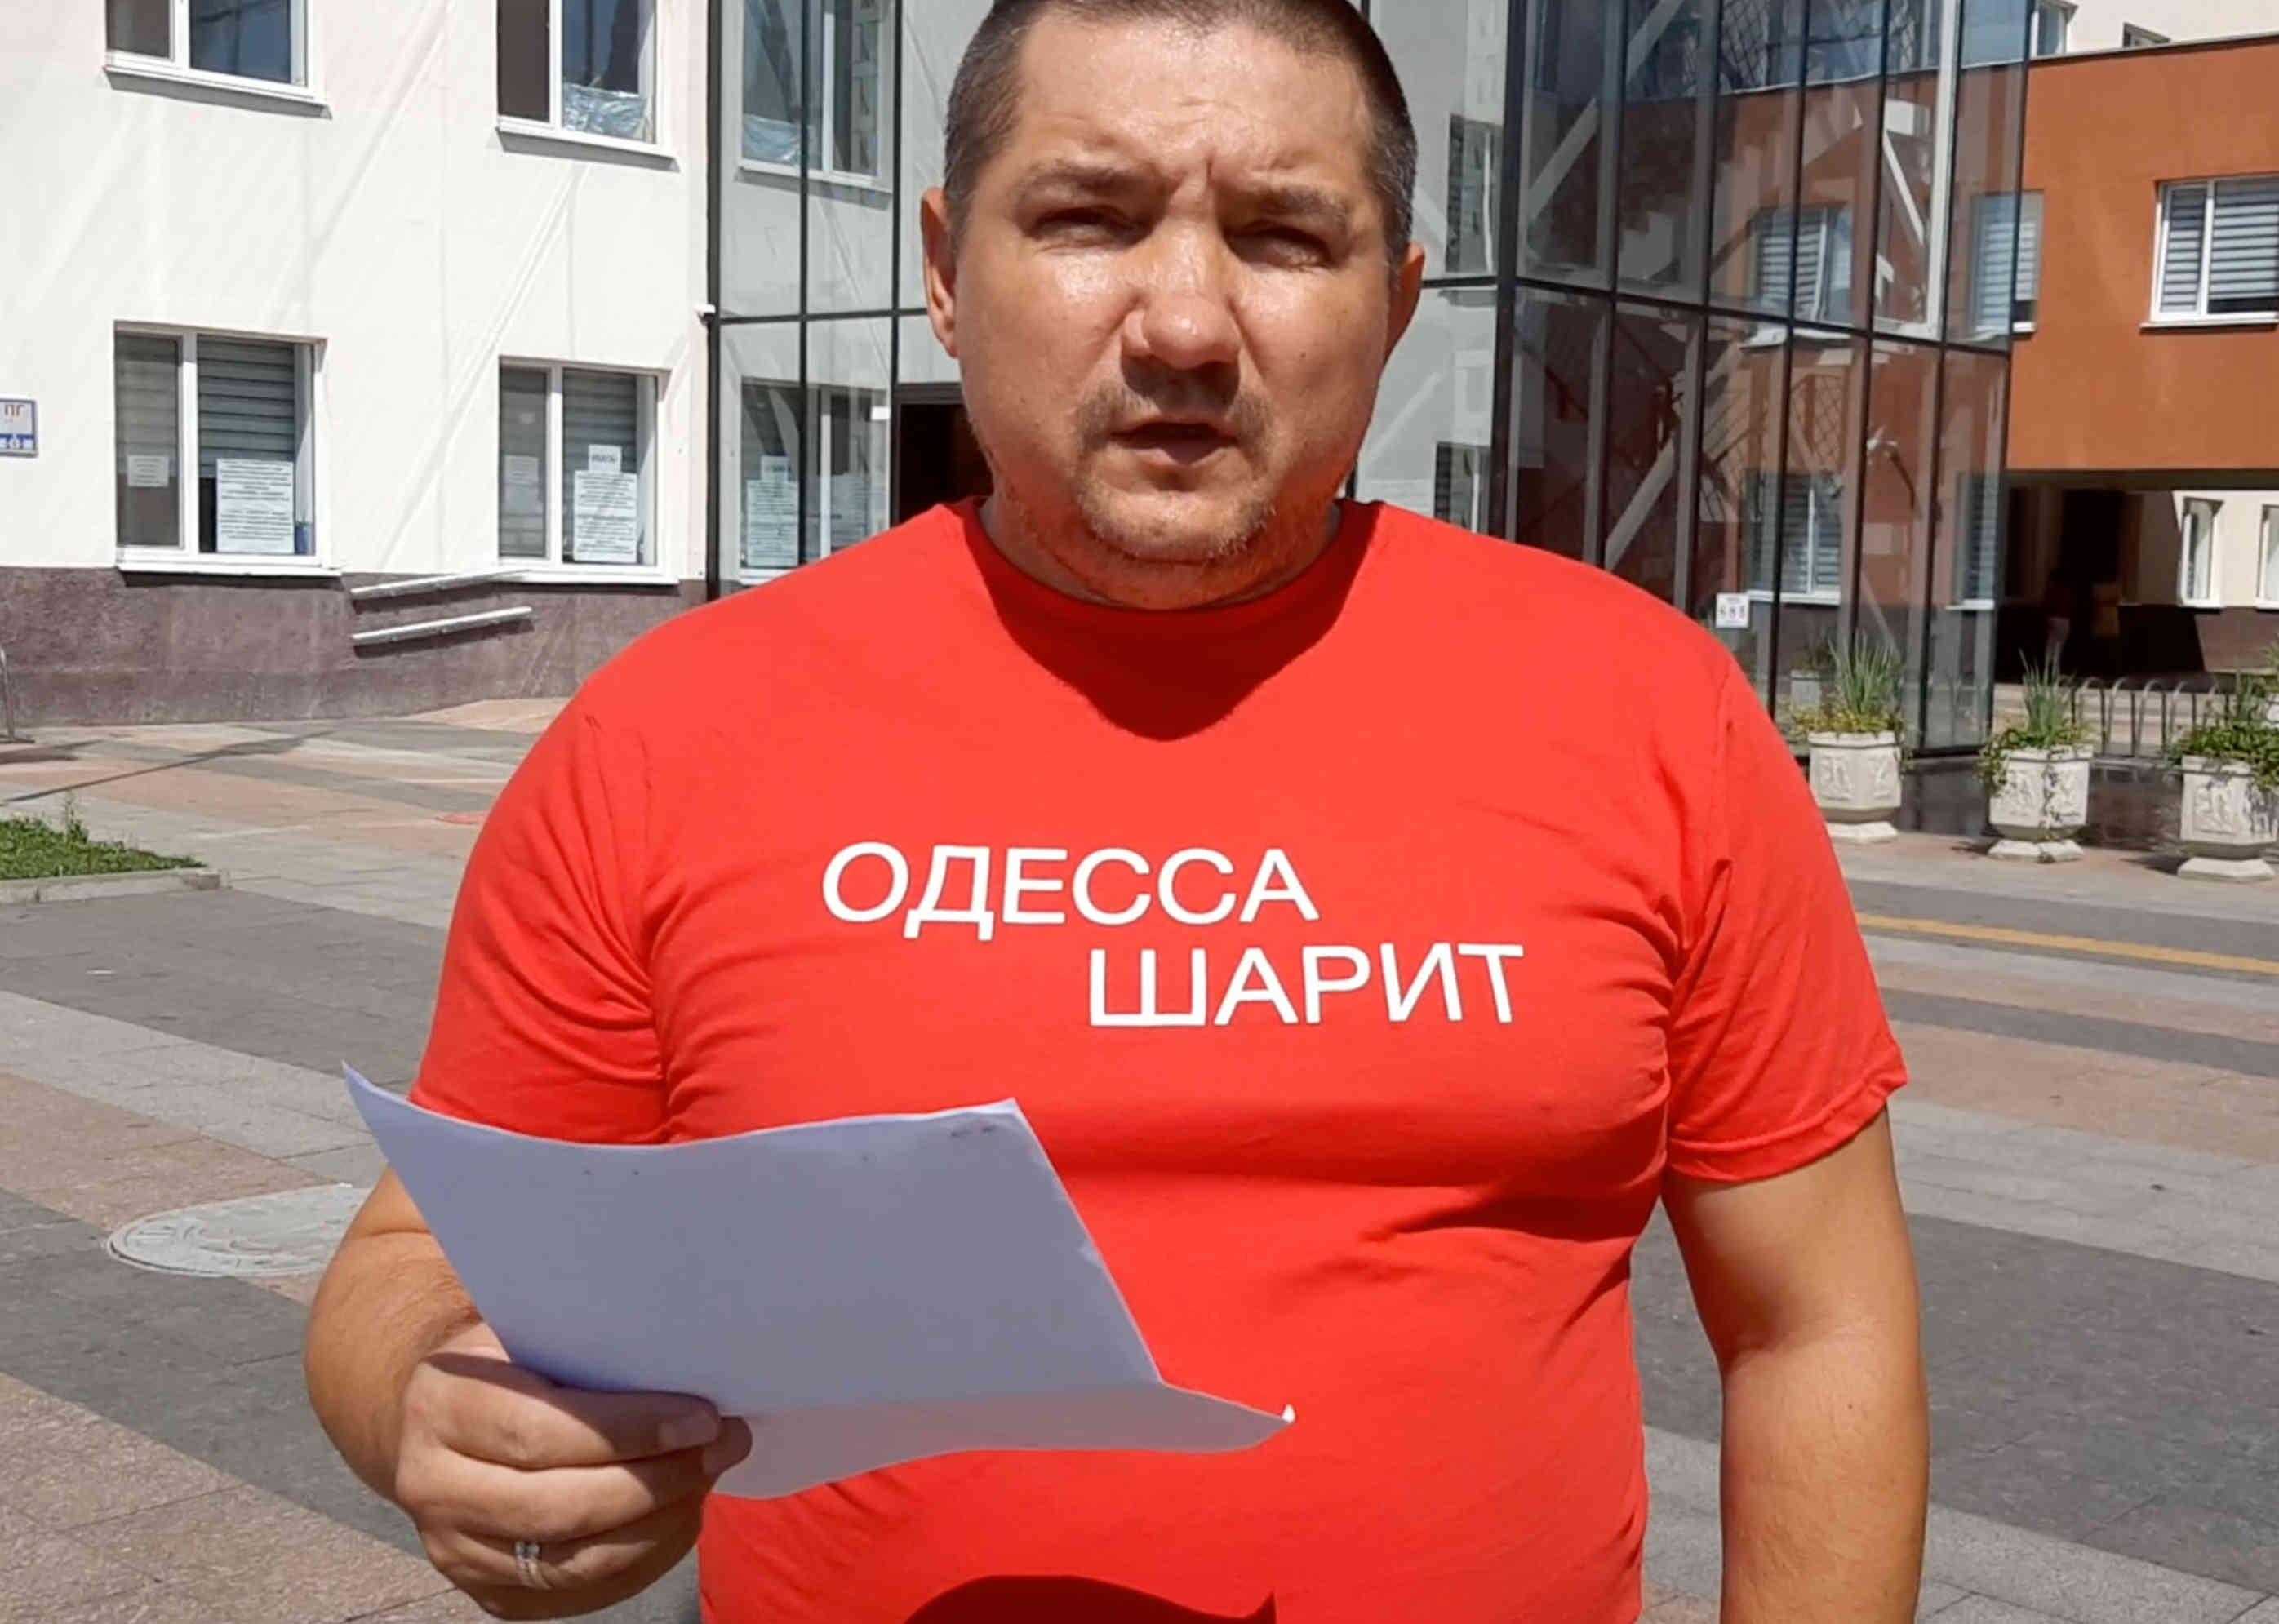 Партия Шария помогает людям в Одессе